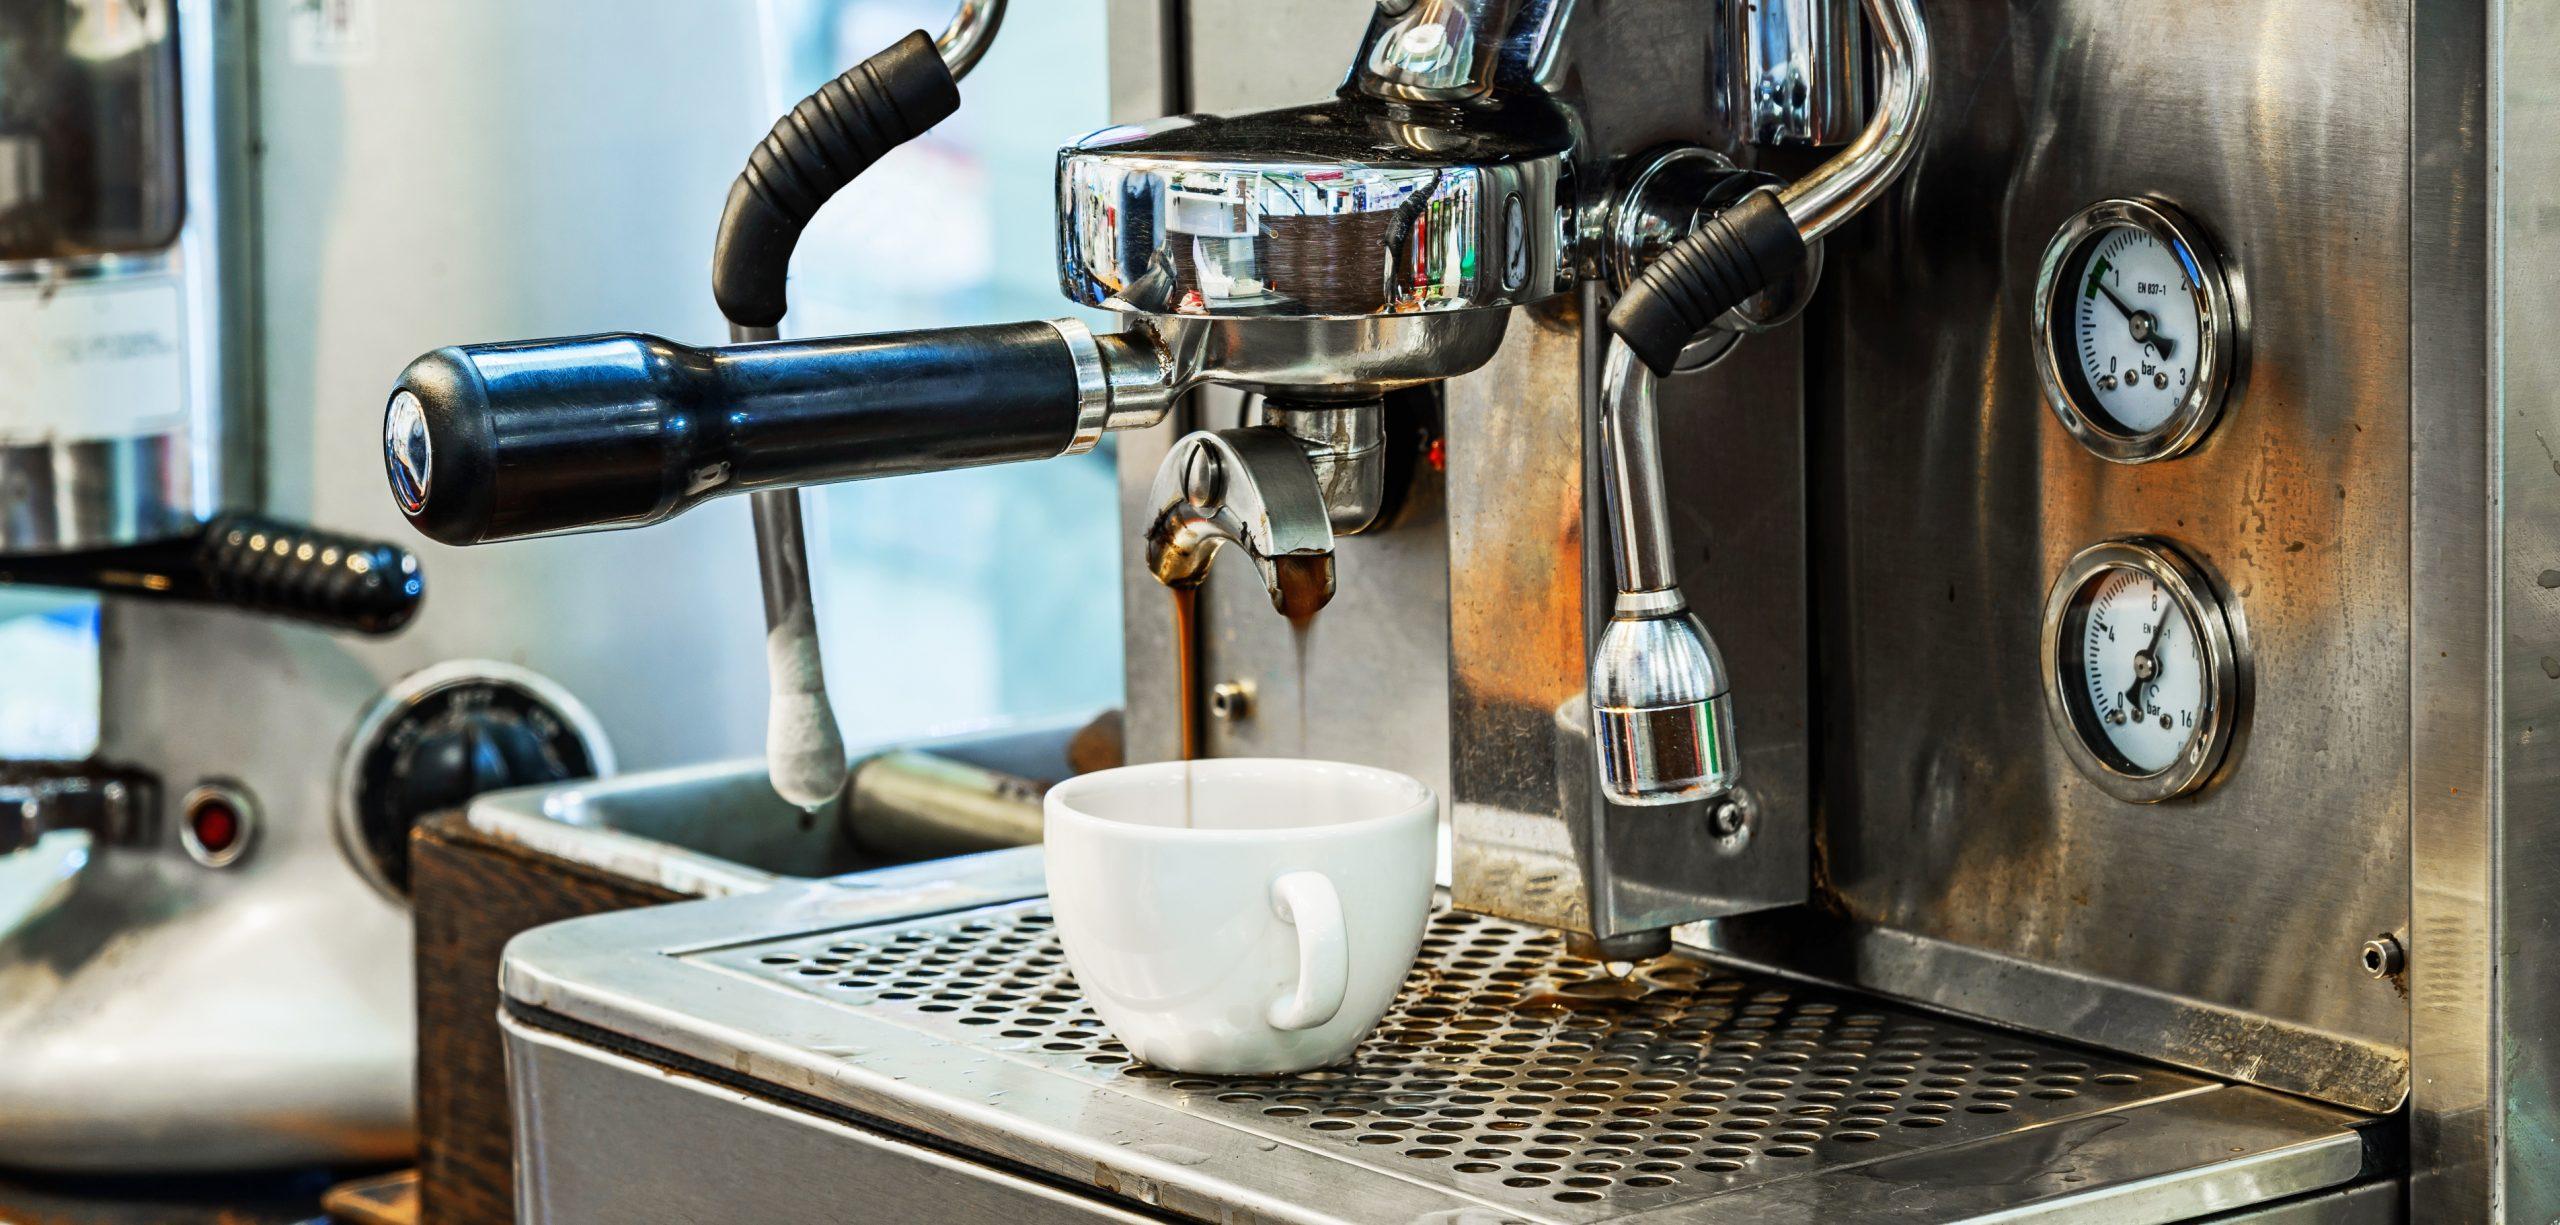 Cafetera industrial: ¿Cuál es la mejor del 2020?   ELDULCEHOGAR